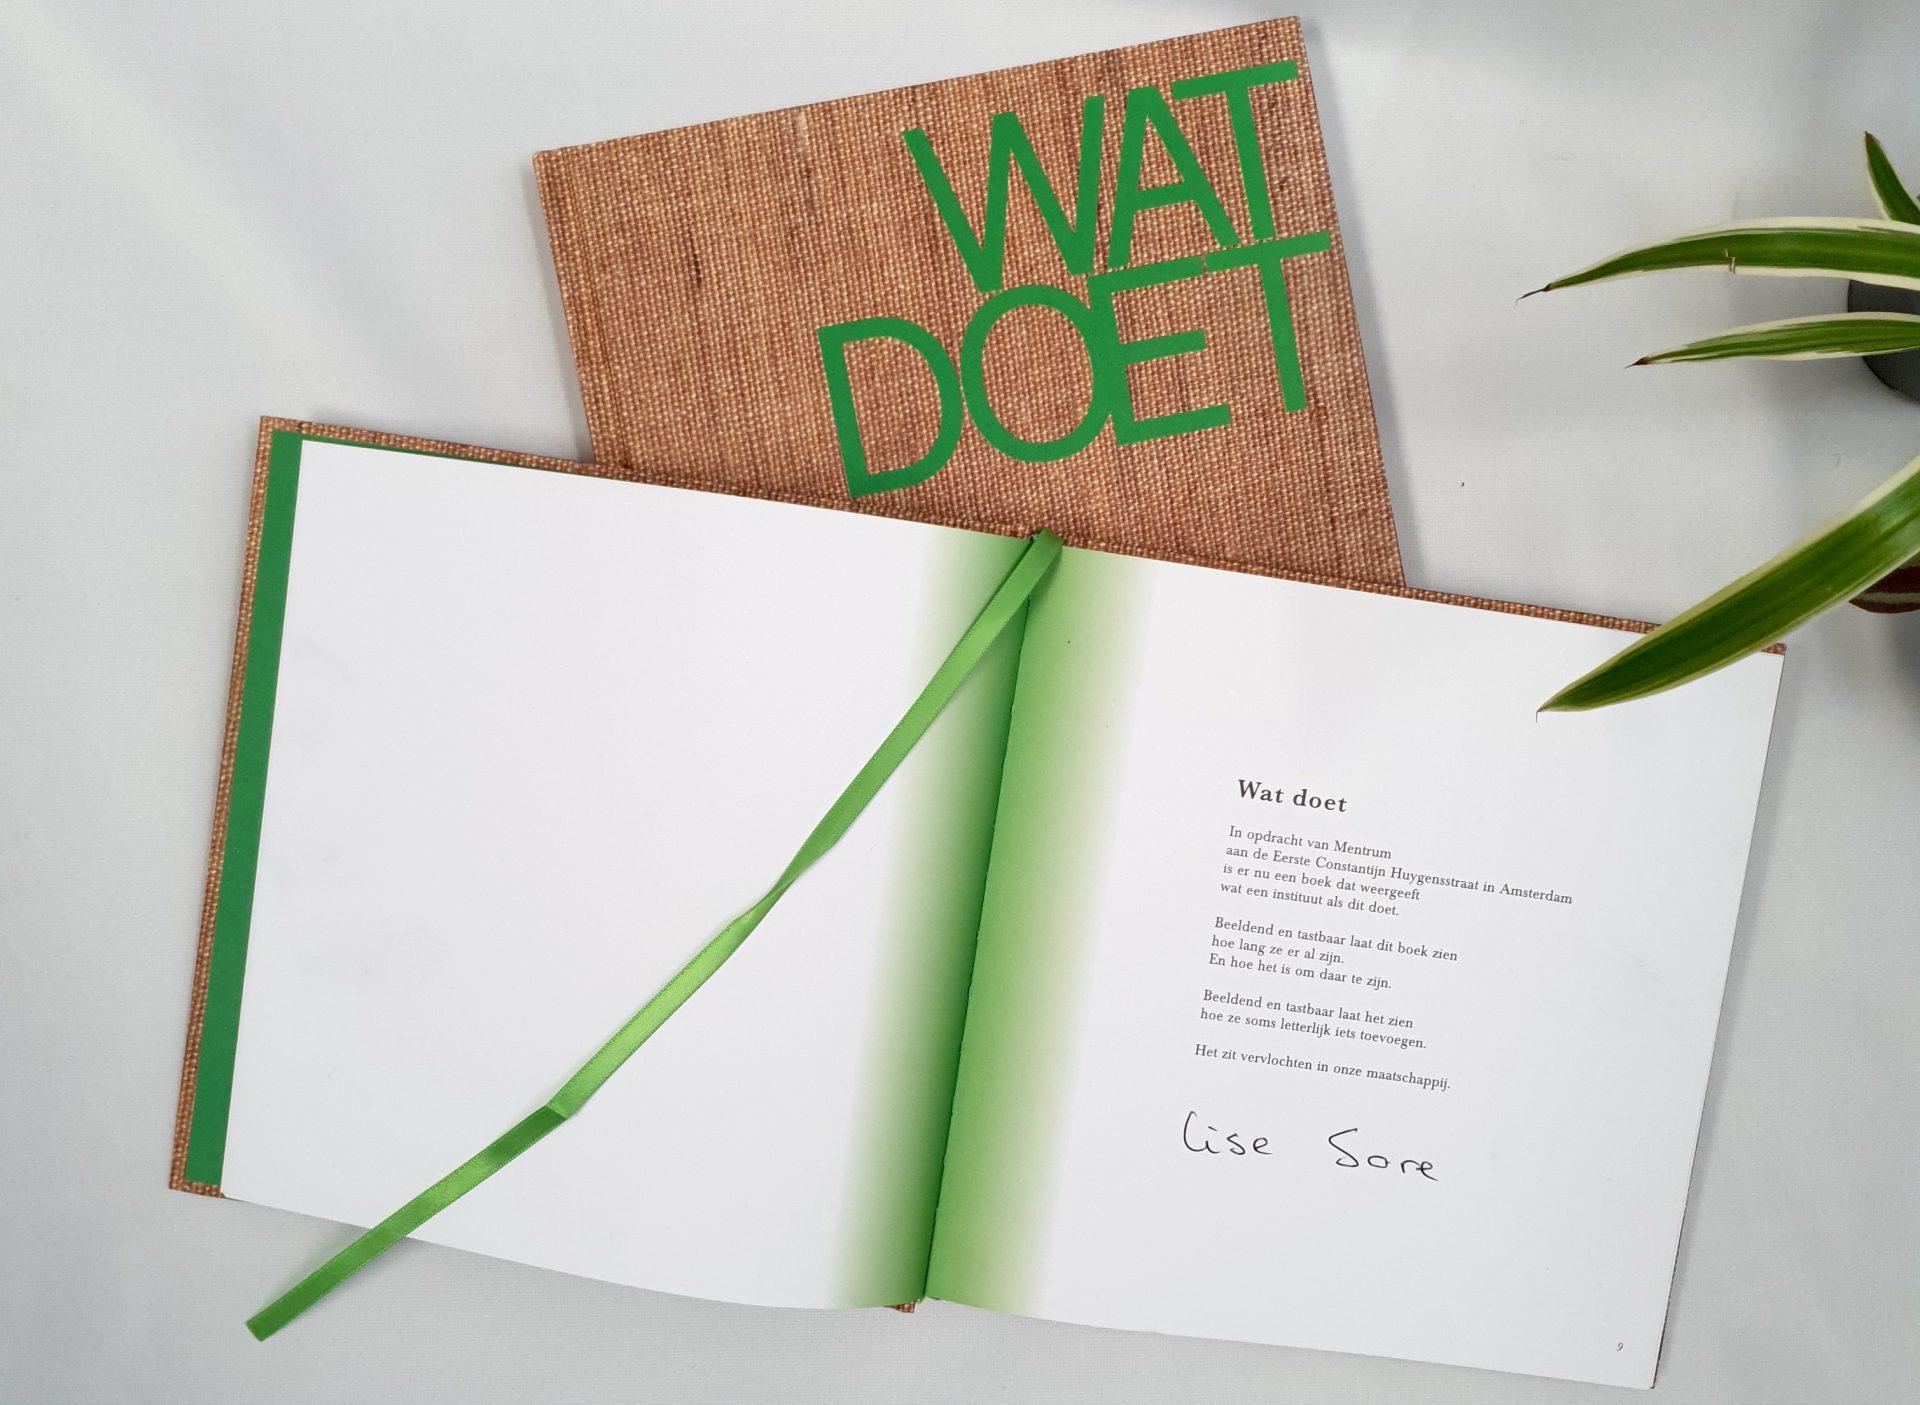 Boekpresentatie Wat Doet 14 oktober kliniek Eerste Constantijn Huygensstraat